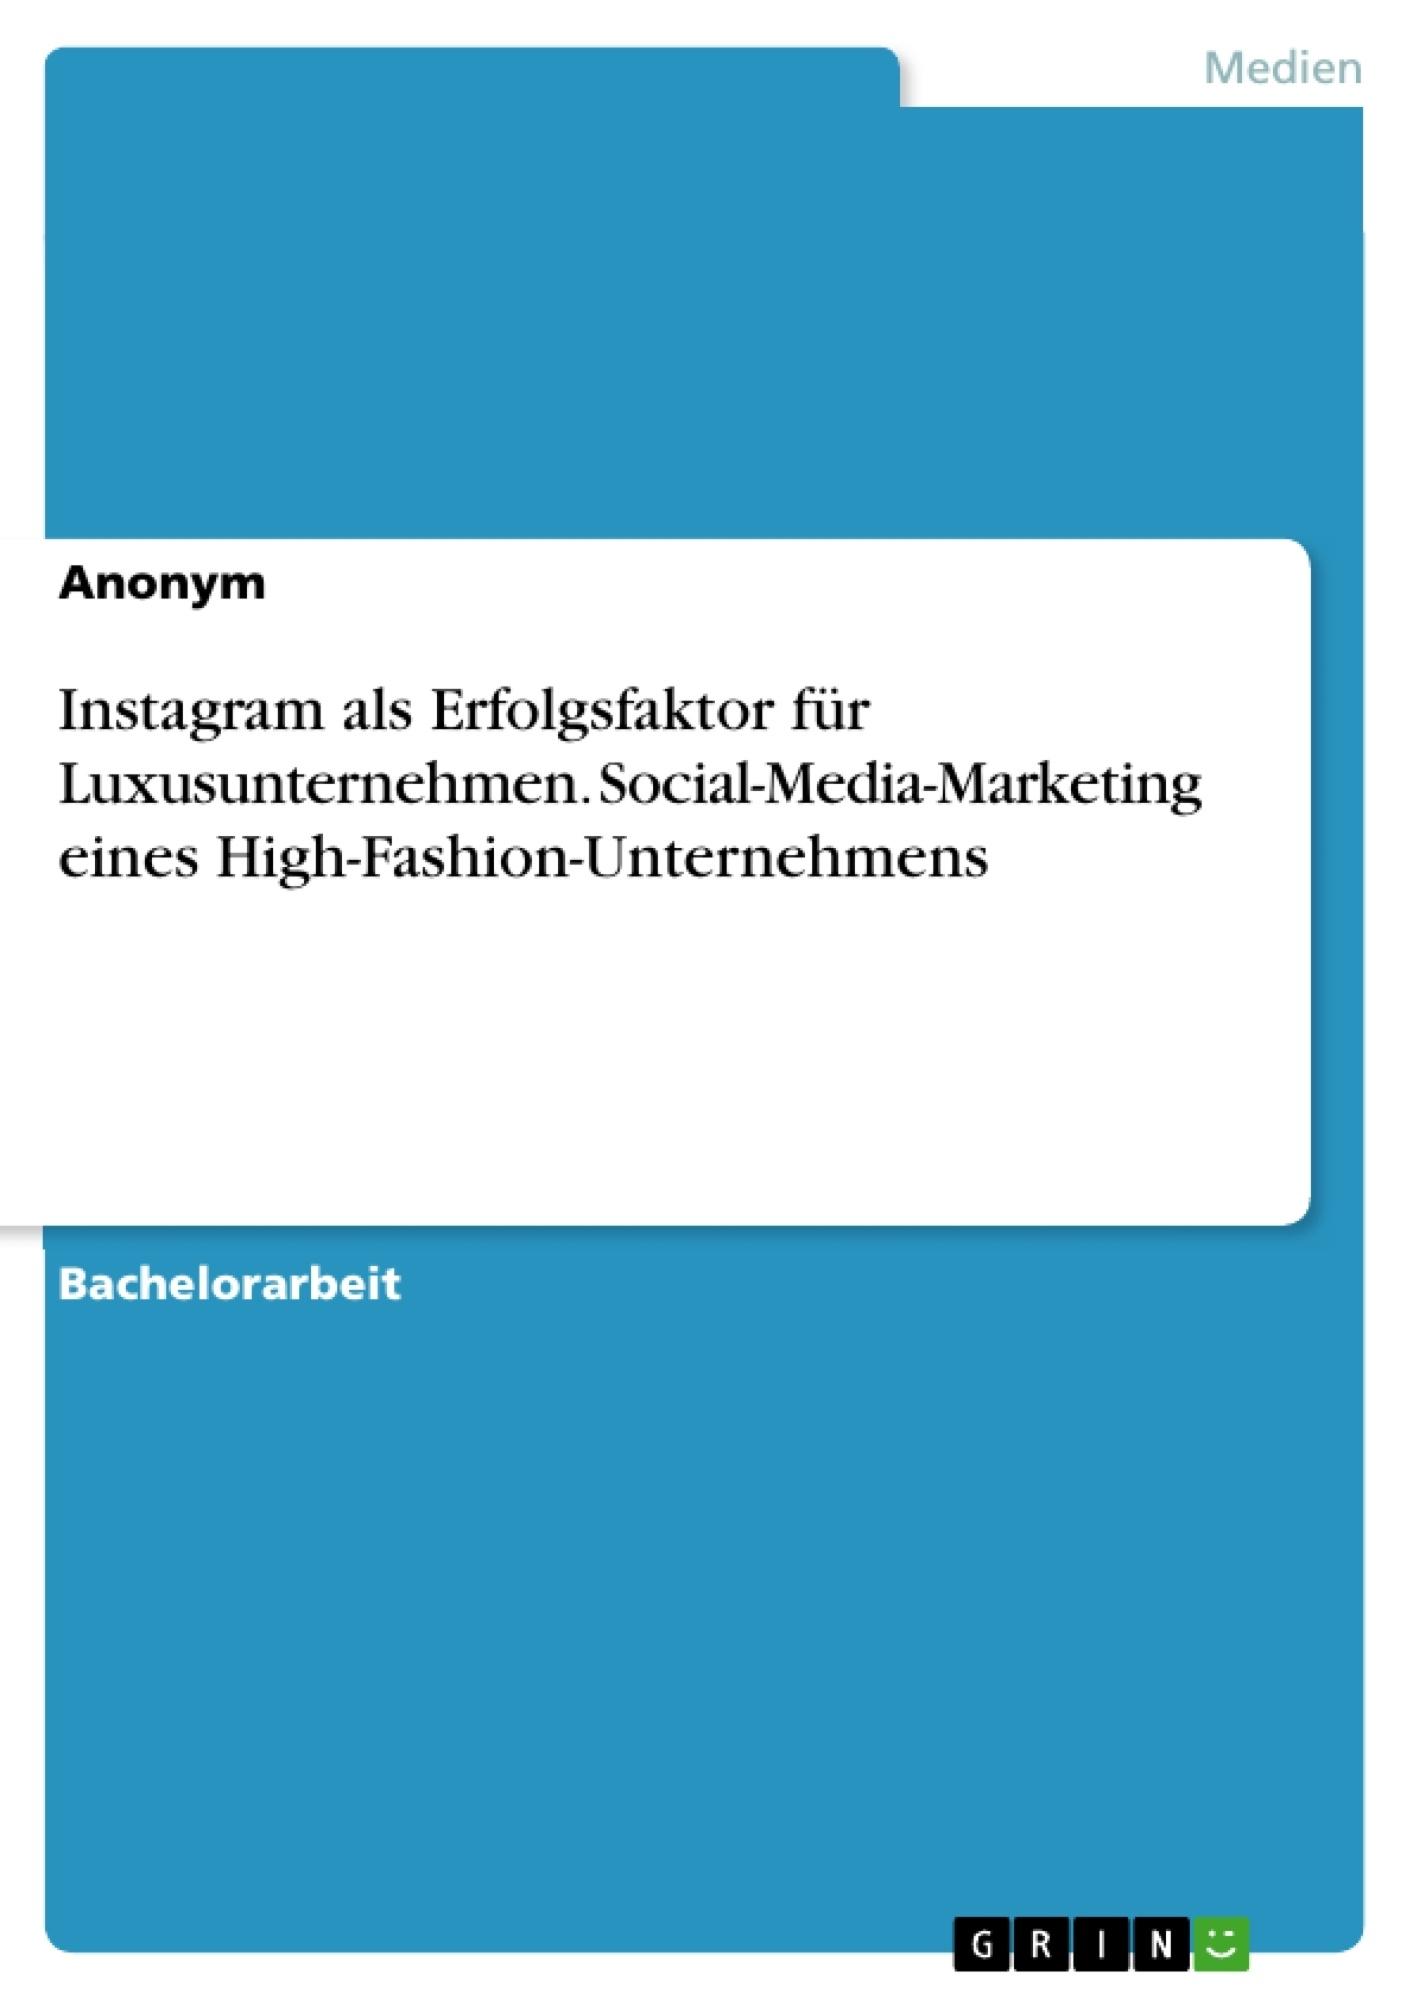 Titel: Instagram als Erfolgsfaktor für Luxusunternehmen. Social-Media-Marketing eines High-Fashion-Unternehmens